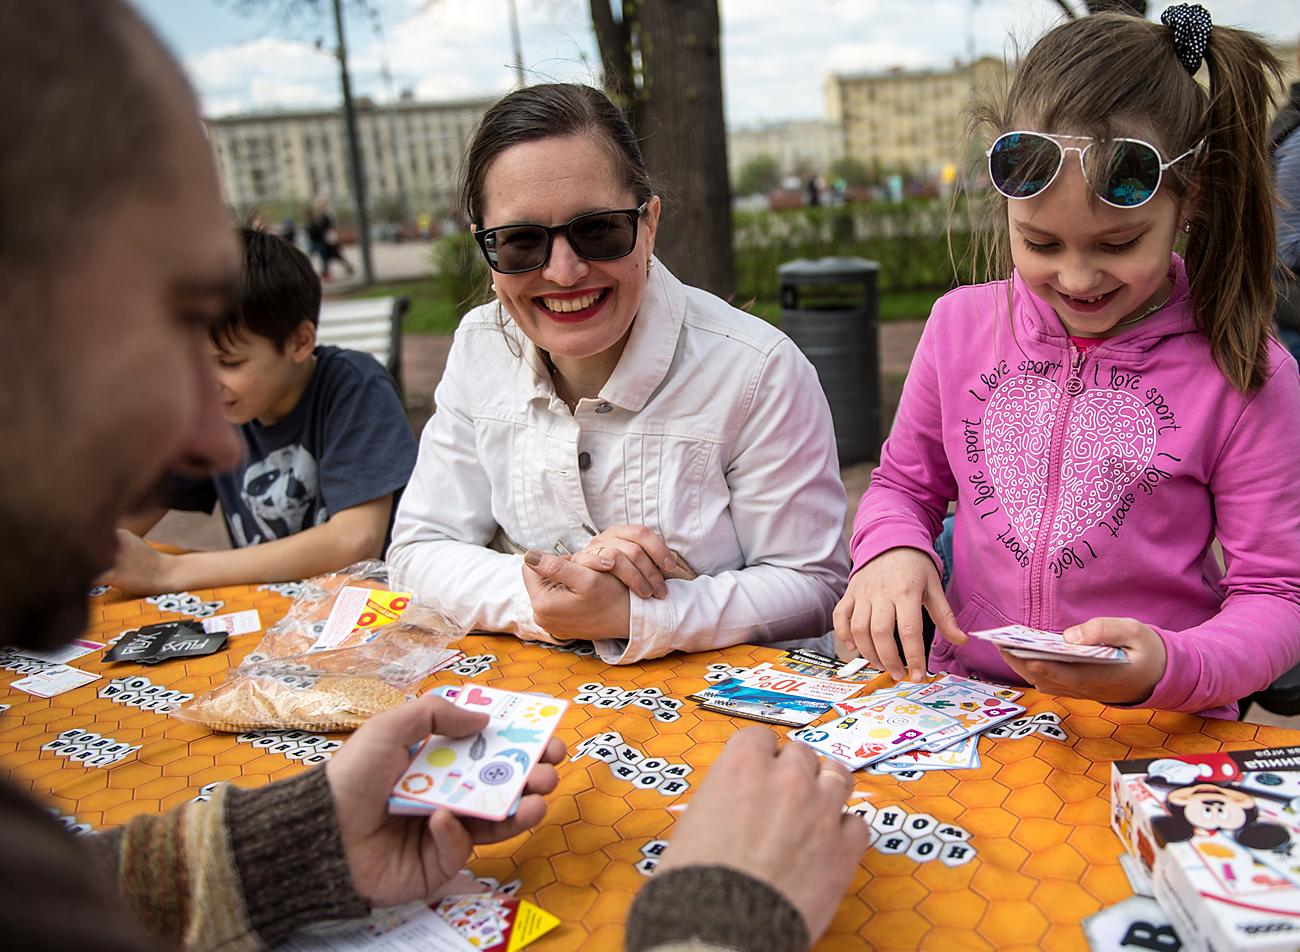 Des Moscovites jouent aux jeux de société au parc Gorki à Moscou.